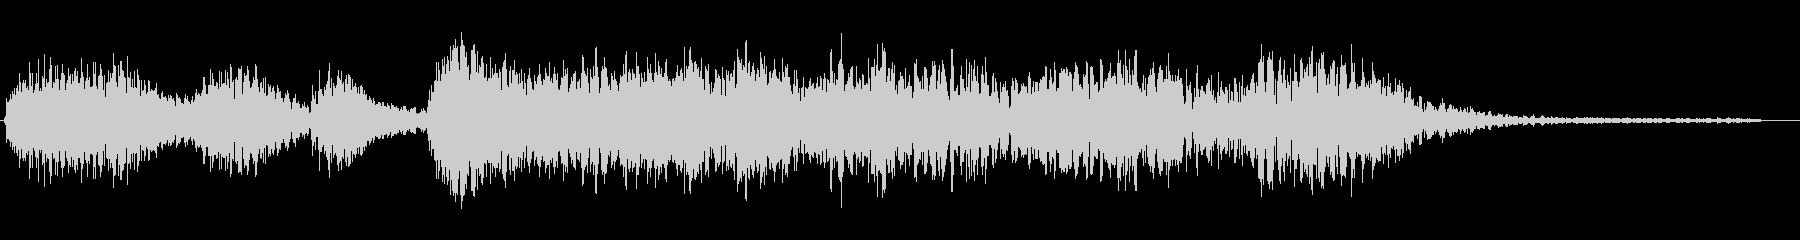 ニュースのタイトル前のシンセサイザー音の未再生の波形